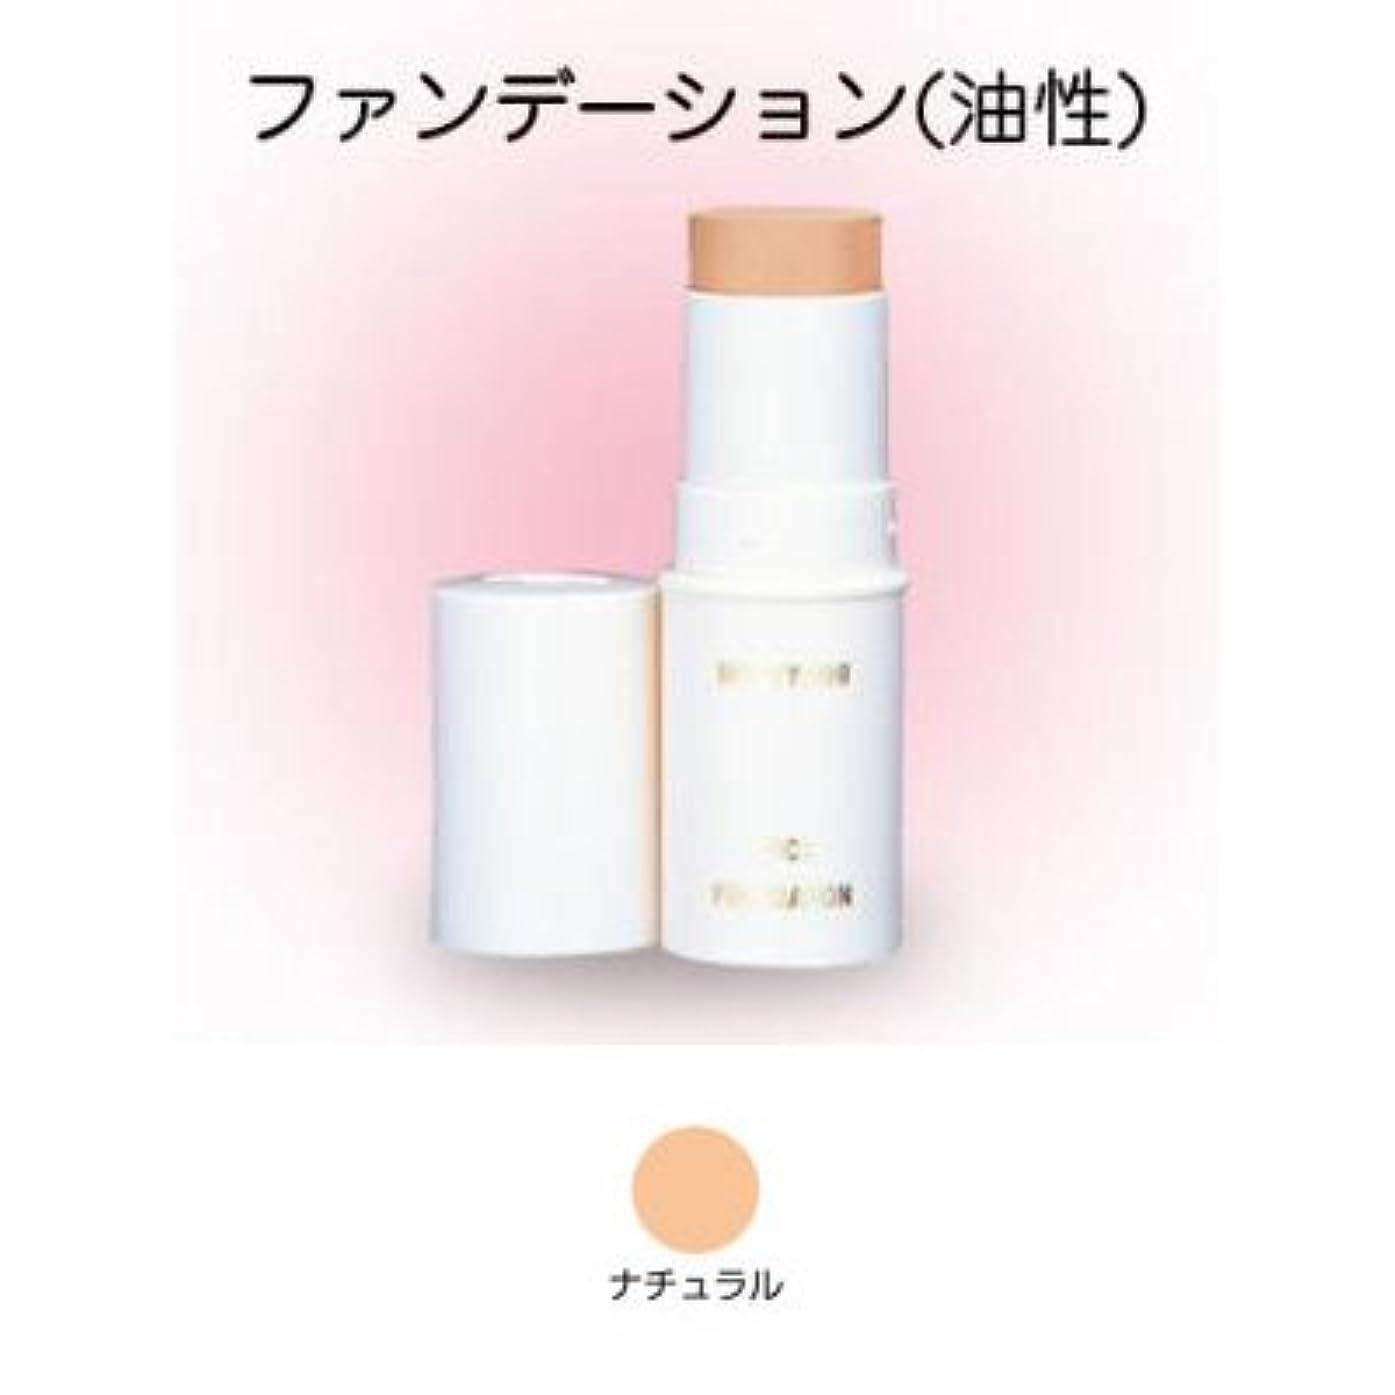 トラフィック無ペンフレンドスティックファンデーション 16g ナチュラル 【三善】